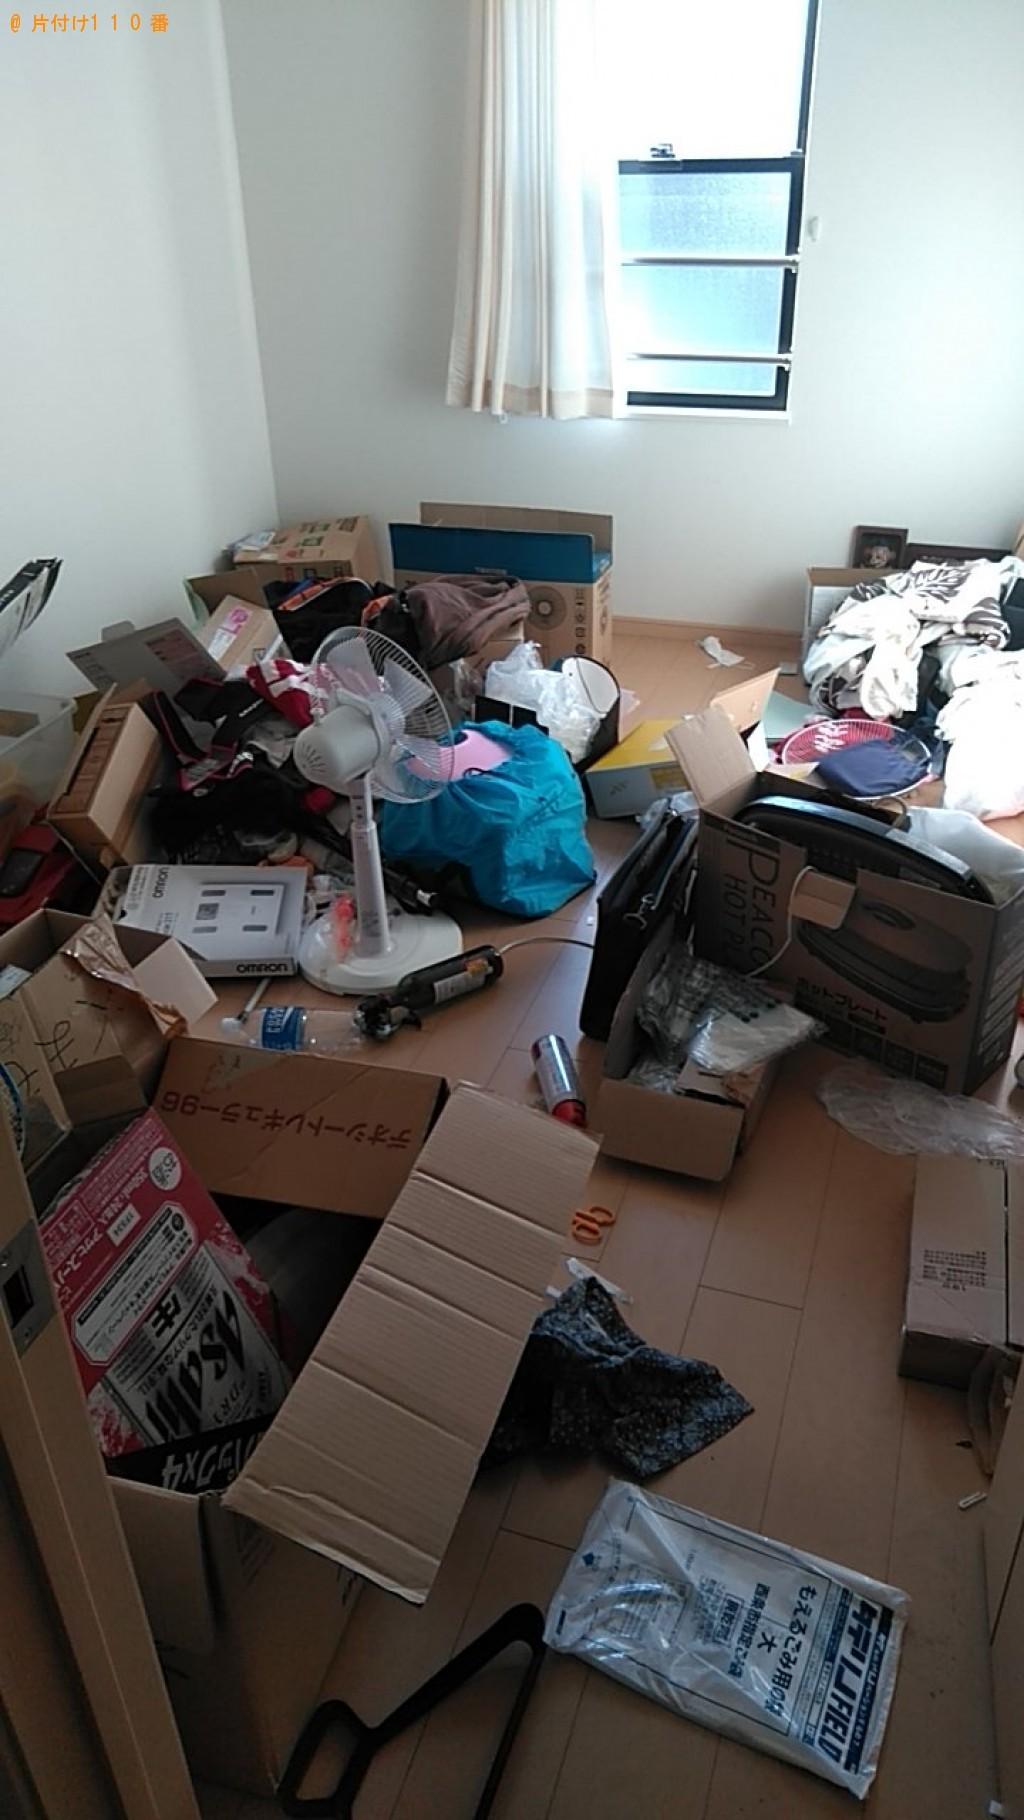 【西条市】スポーツ用品、分別していない家庭ごみの回収・処分ご依頼